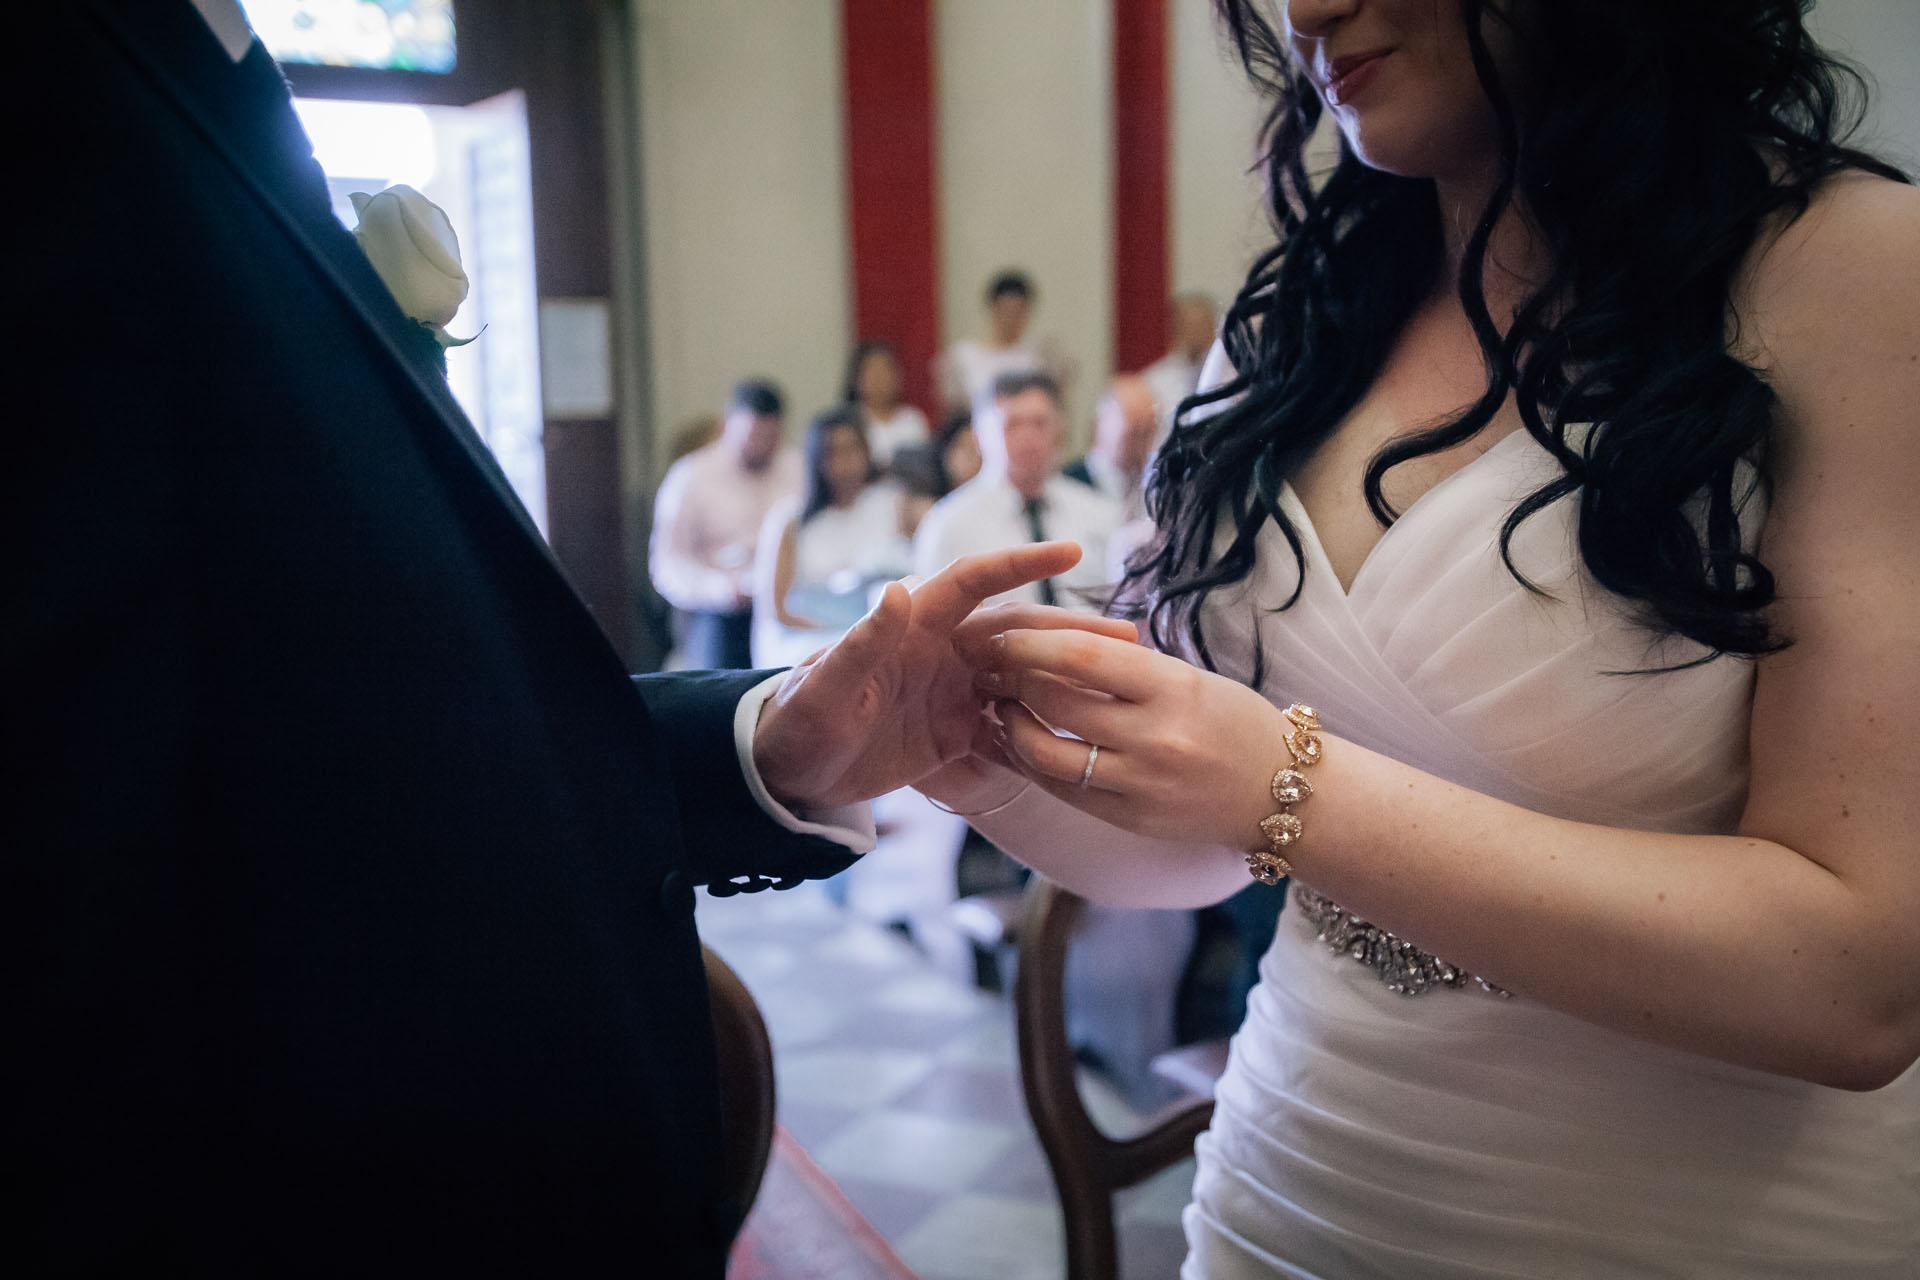 Jessica-Jason-Weddingdestination-Storytelling-Renato-Zanette-Fotografo-Convento-San-Francesco-Conegliano-Treviso-Veneto_Lo-Scambio-Degli-Anelli